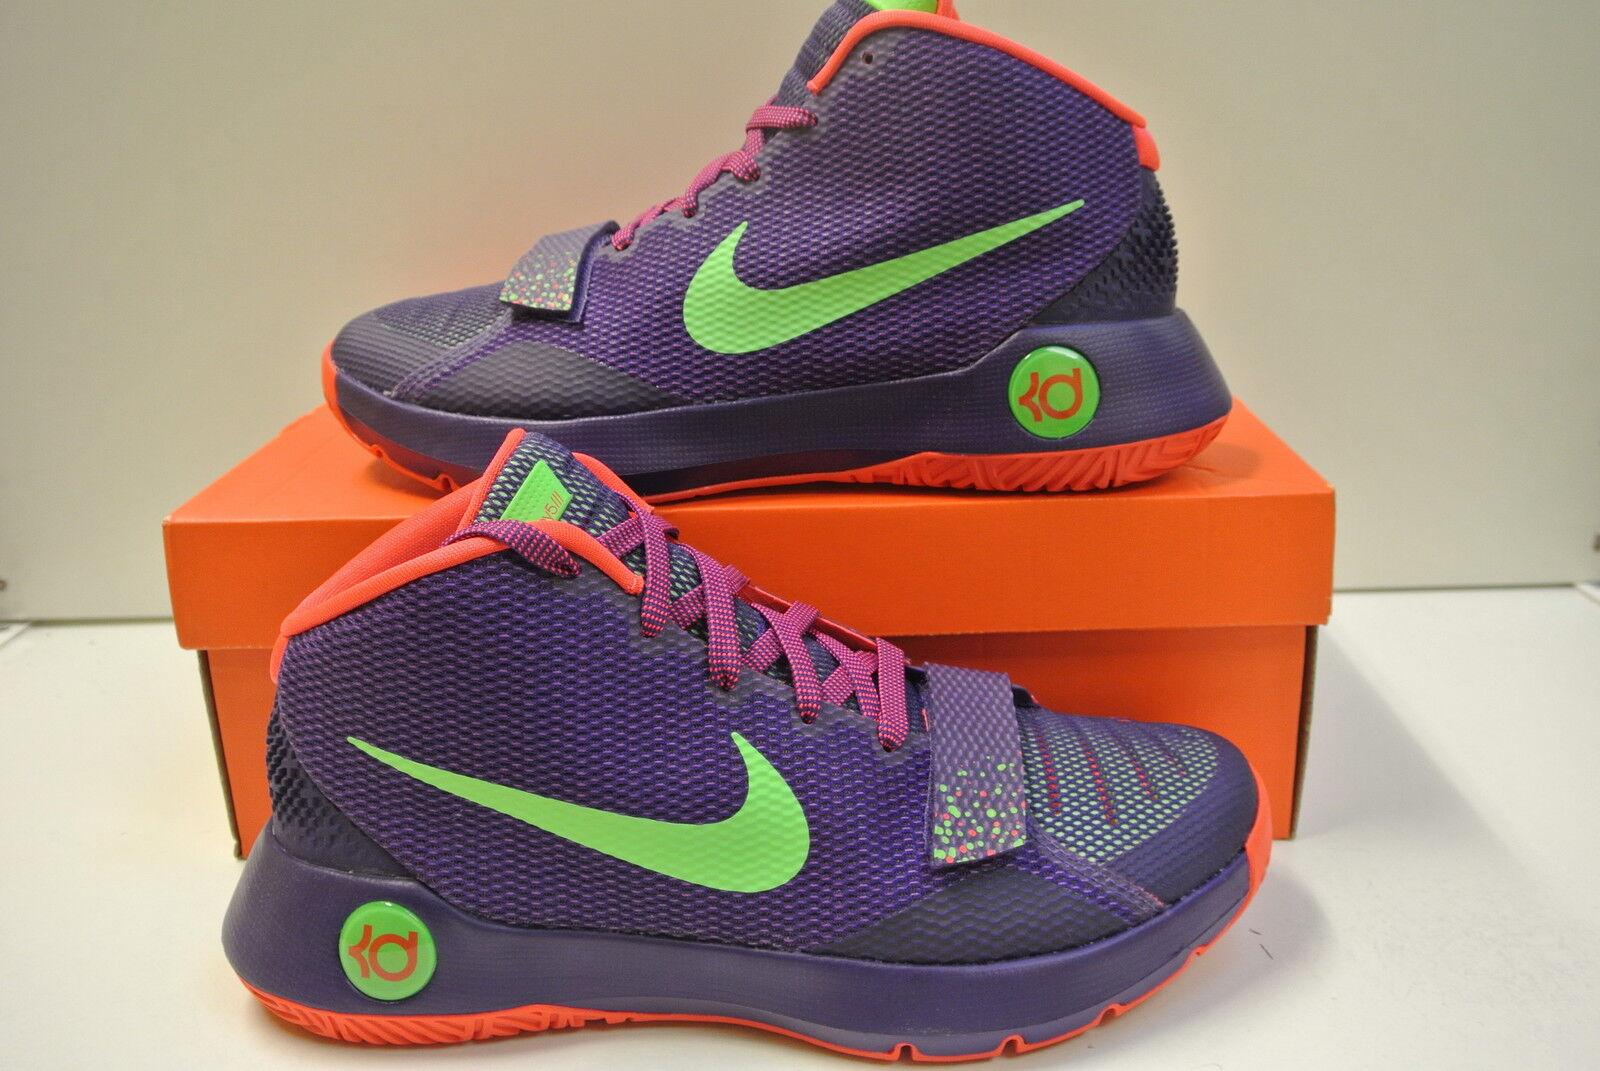 Nike KD Trey 5 III Gr. 41 / Us 8 536 Neu & OVP 749377 536 8 2edb93